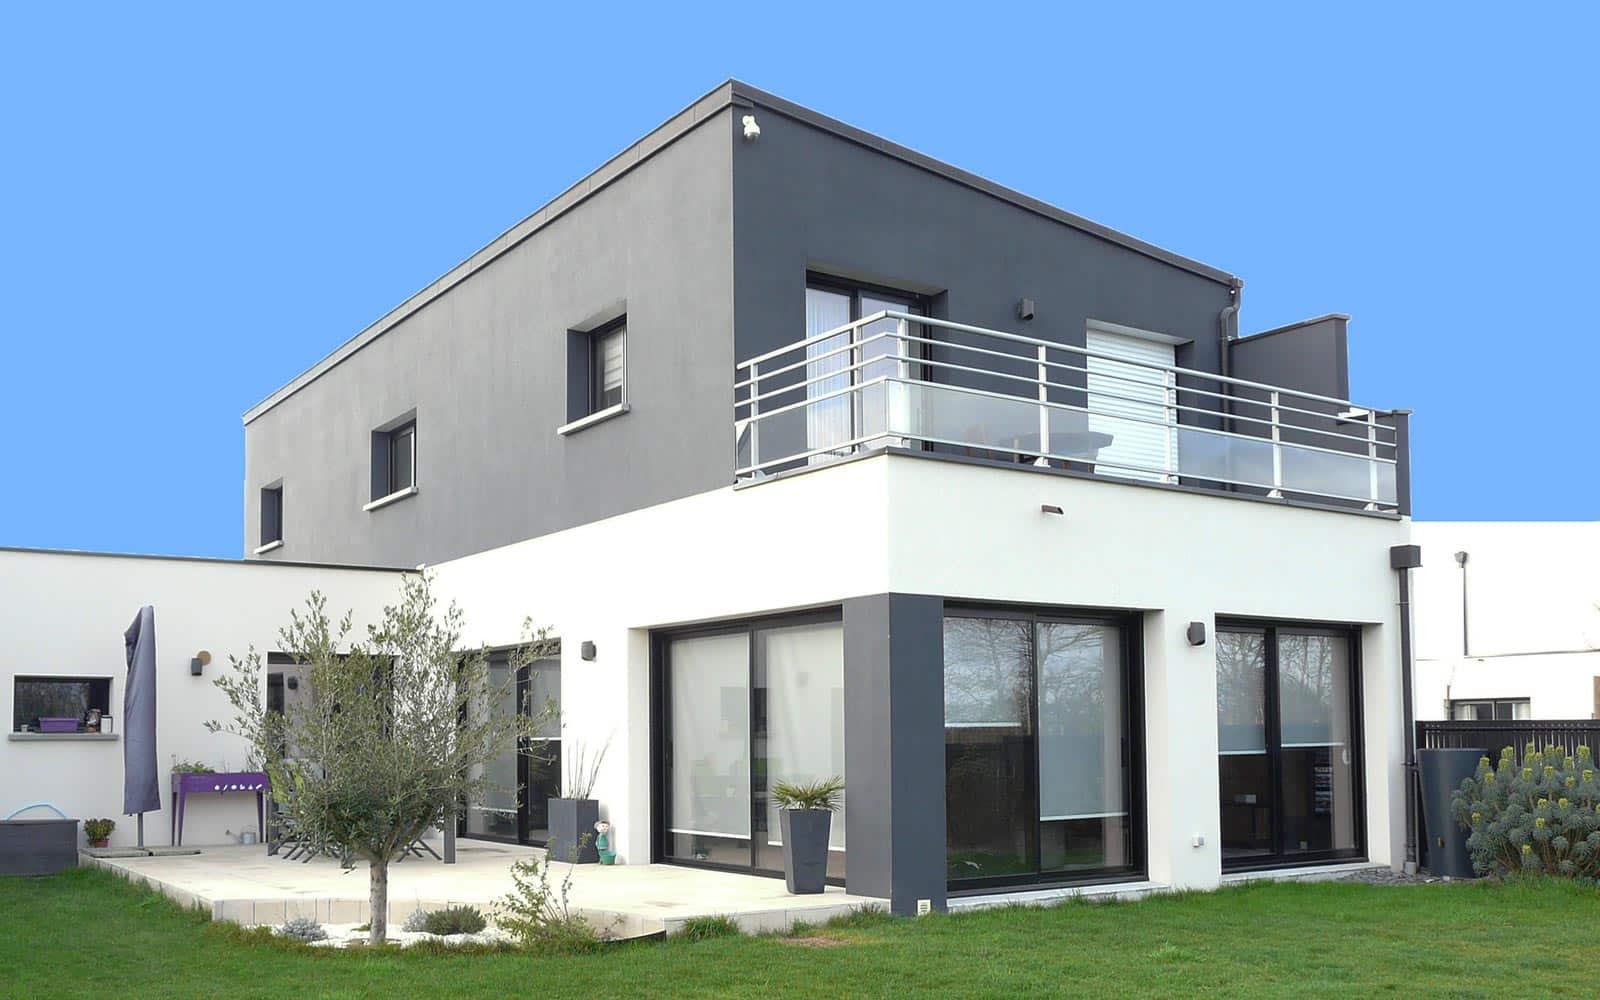 Constructeur De Maison Rennes constructeur maison ille-et-vilaine (35) - constructeur de